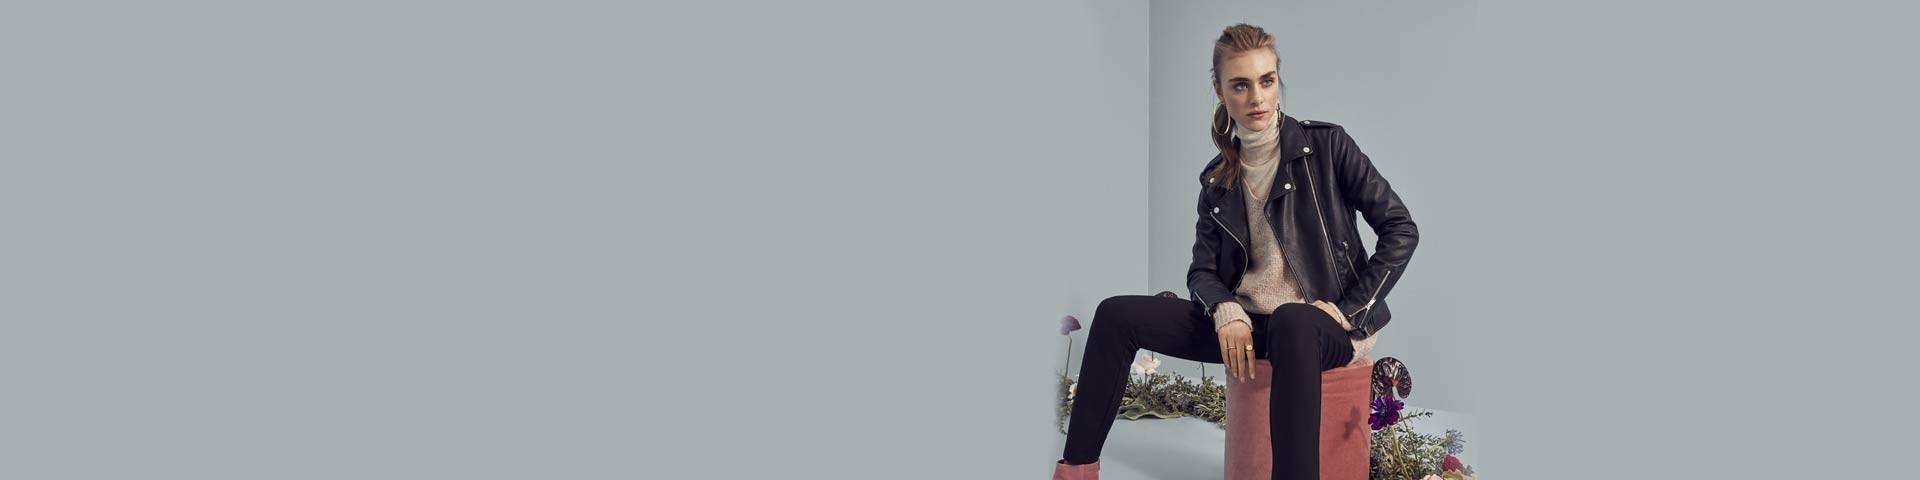 Descubre la nueva colección de ropa online de mujer | Online-Closer